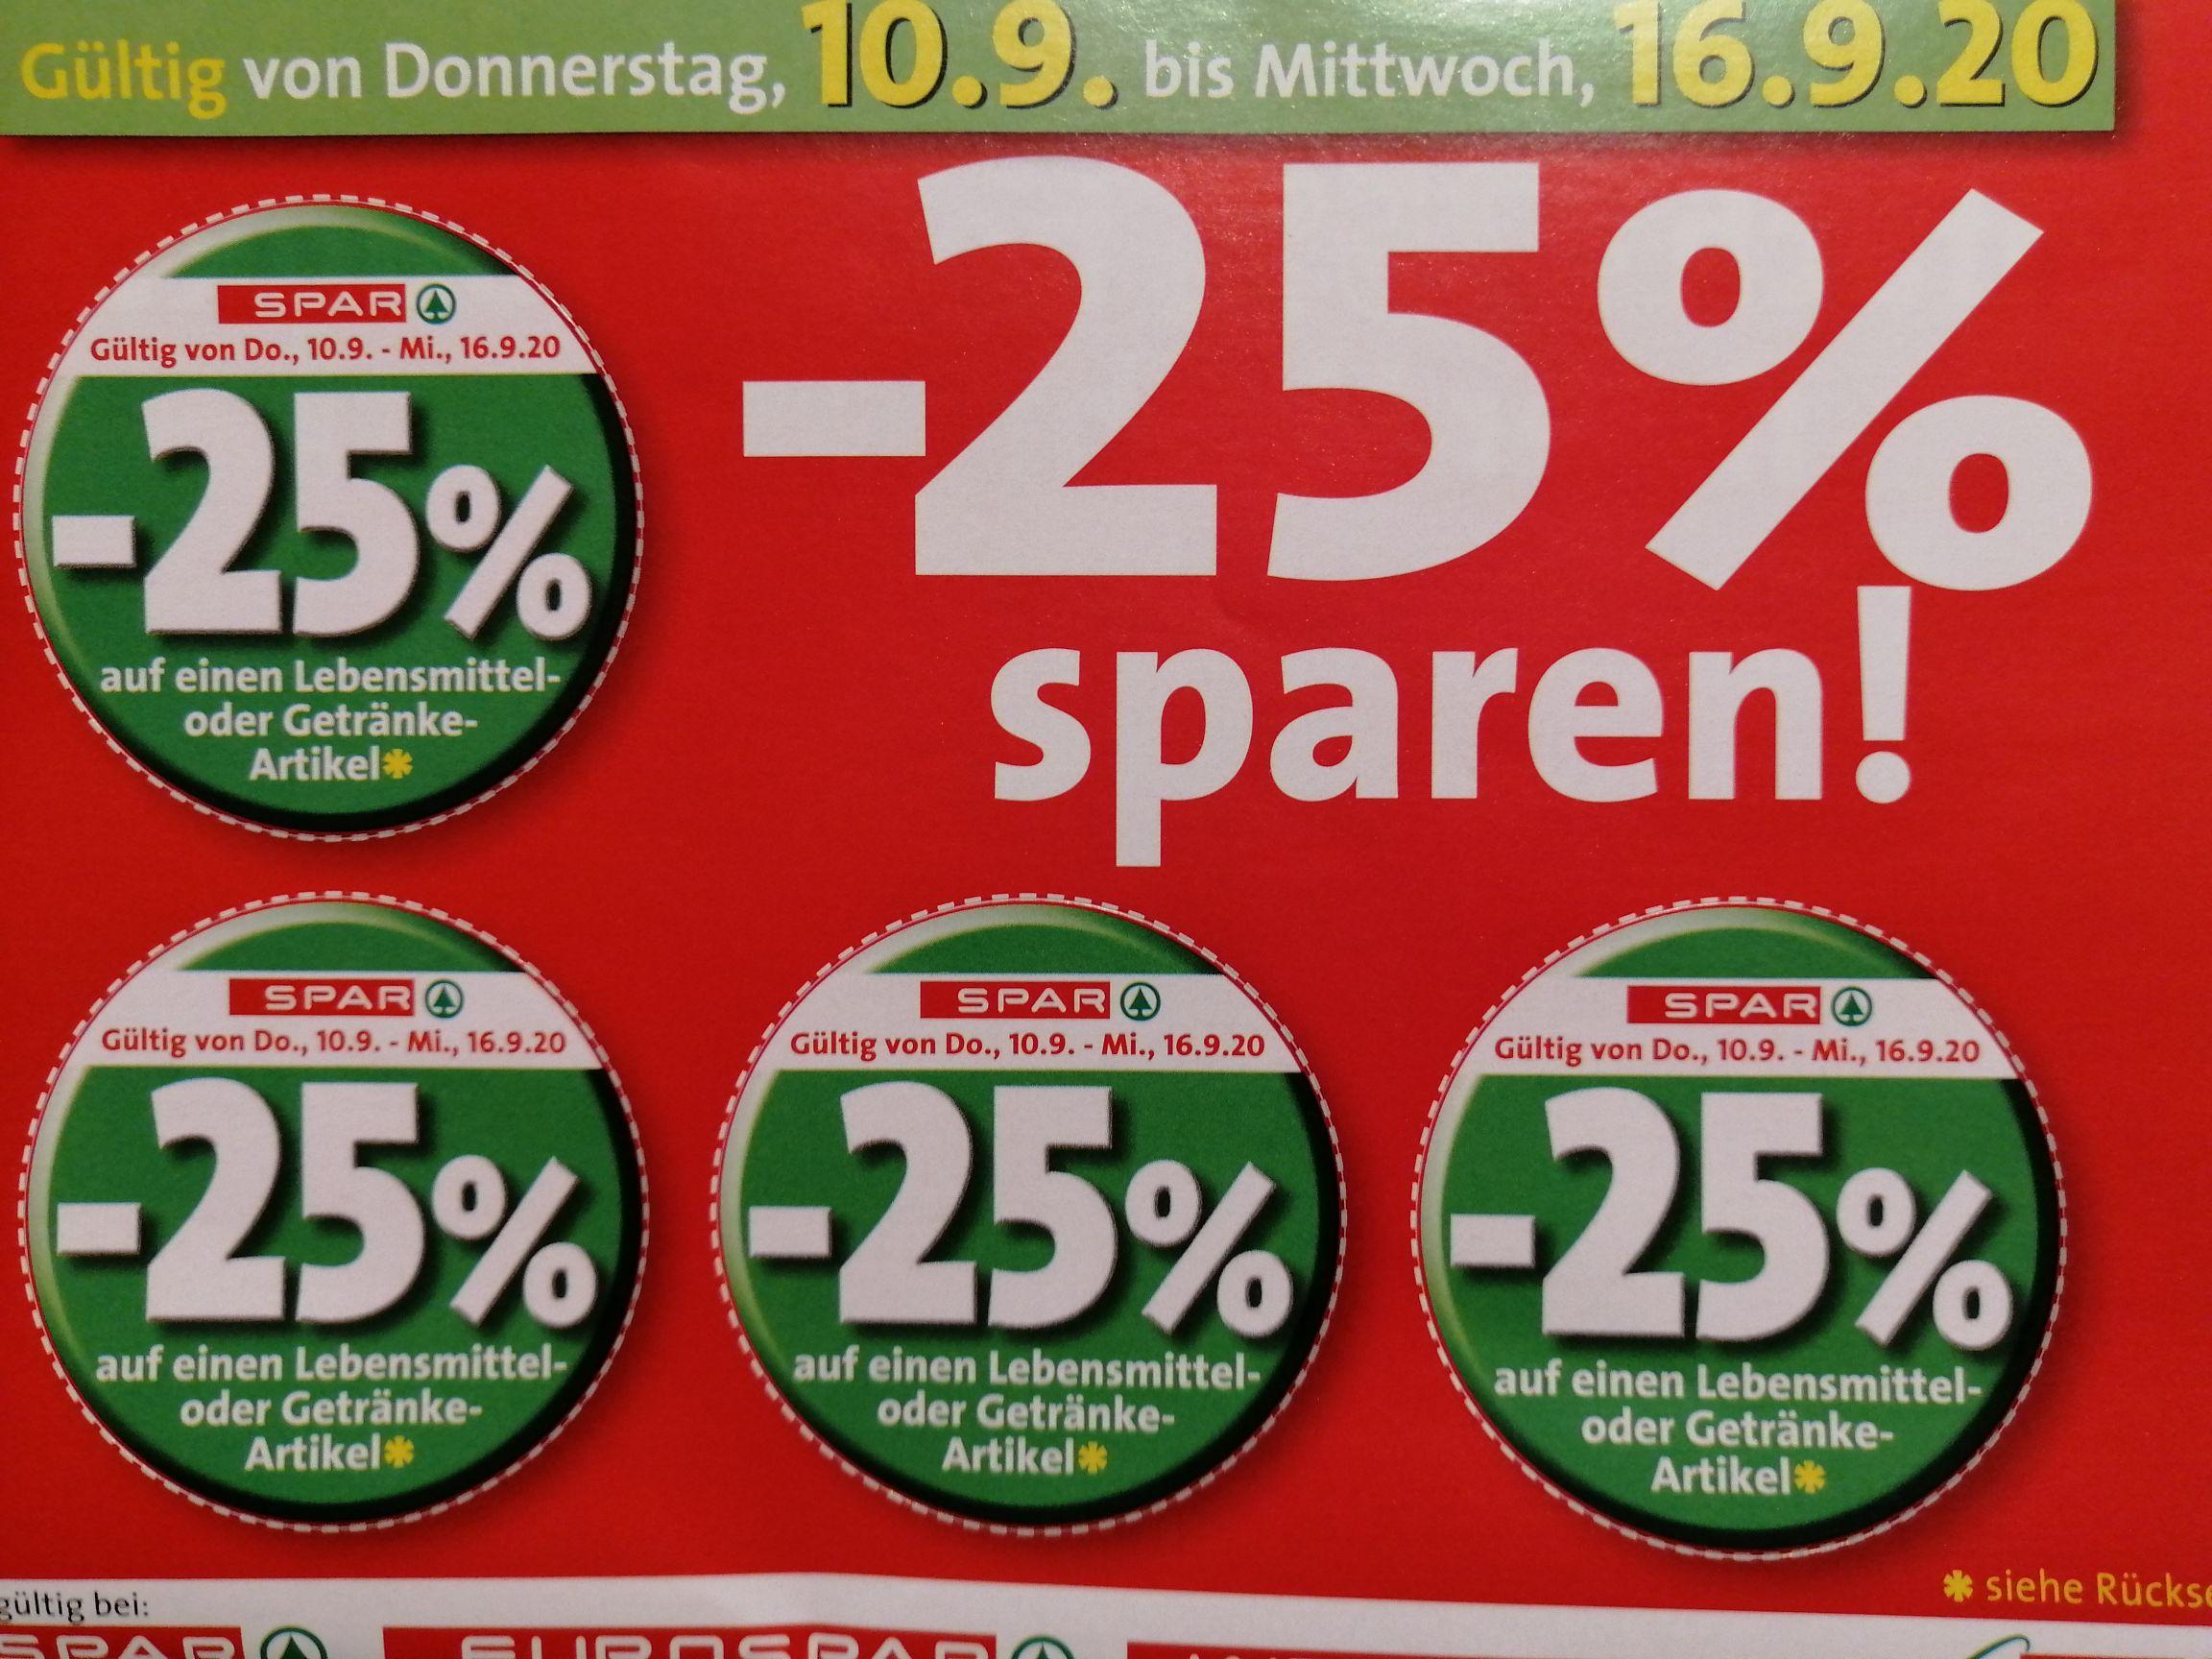 25% Rabattpickerl bei Spar, Runde 73...